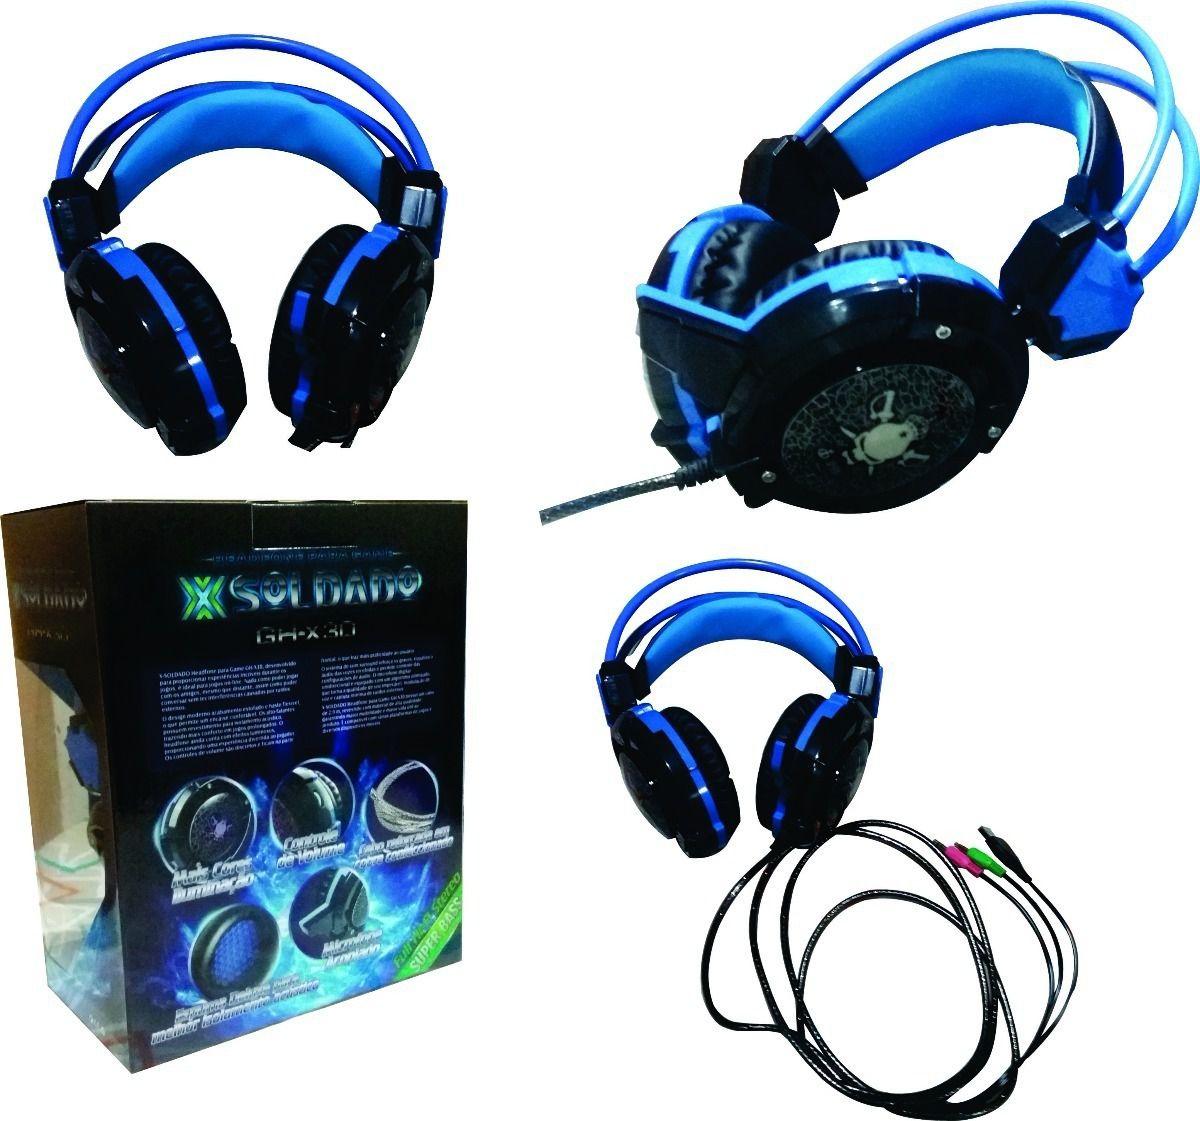 Fone de Ouvido Headset Gamer Luz Led Colorido c/ Cabo Reforçado - (GH-X30)